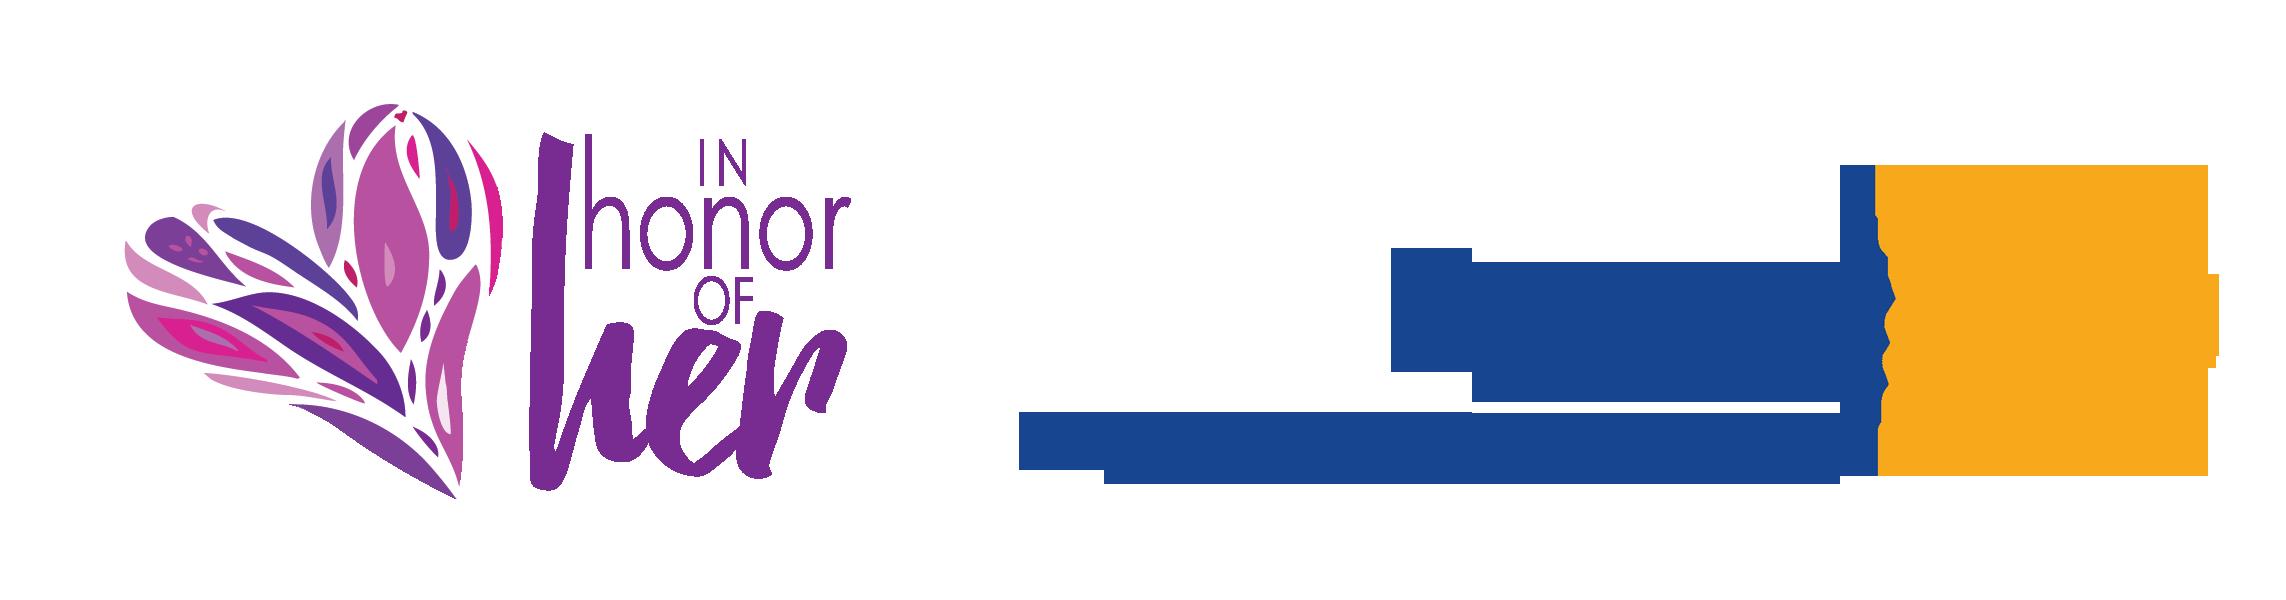 IHOH-Rotary-logos